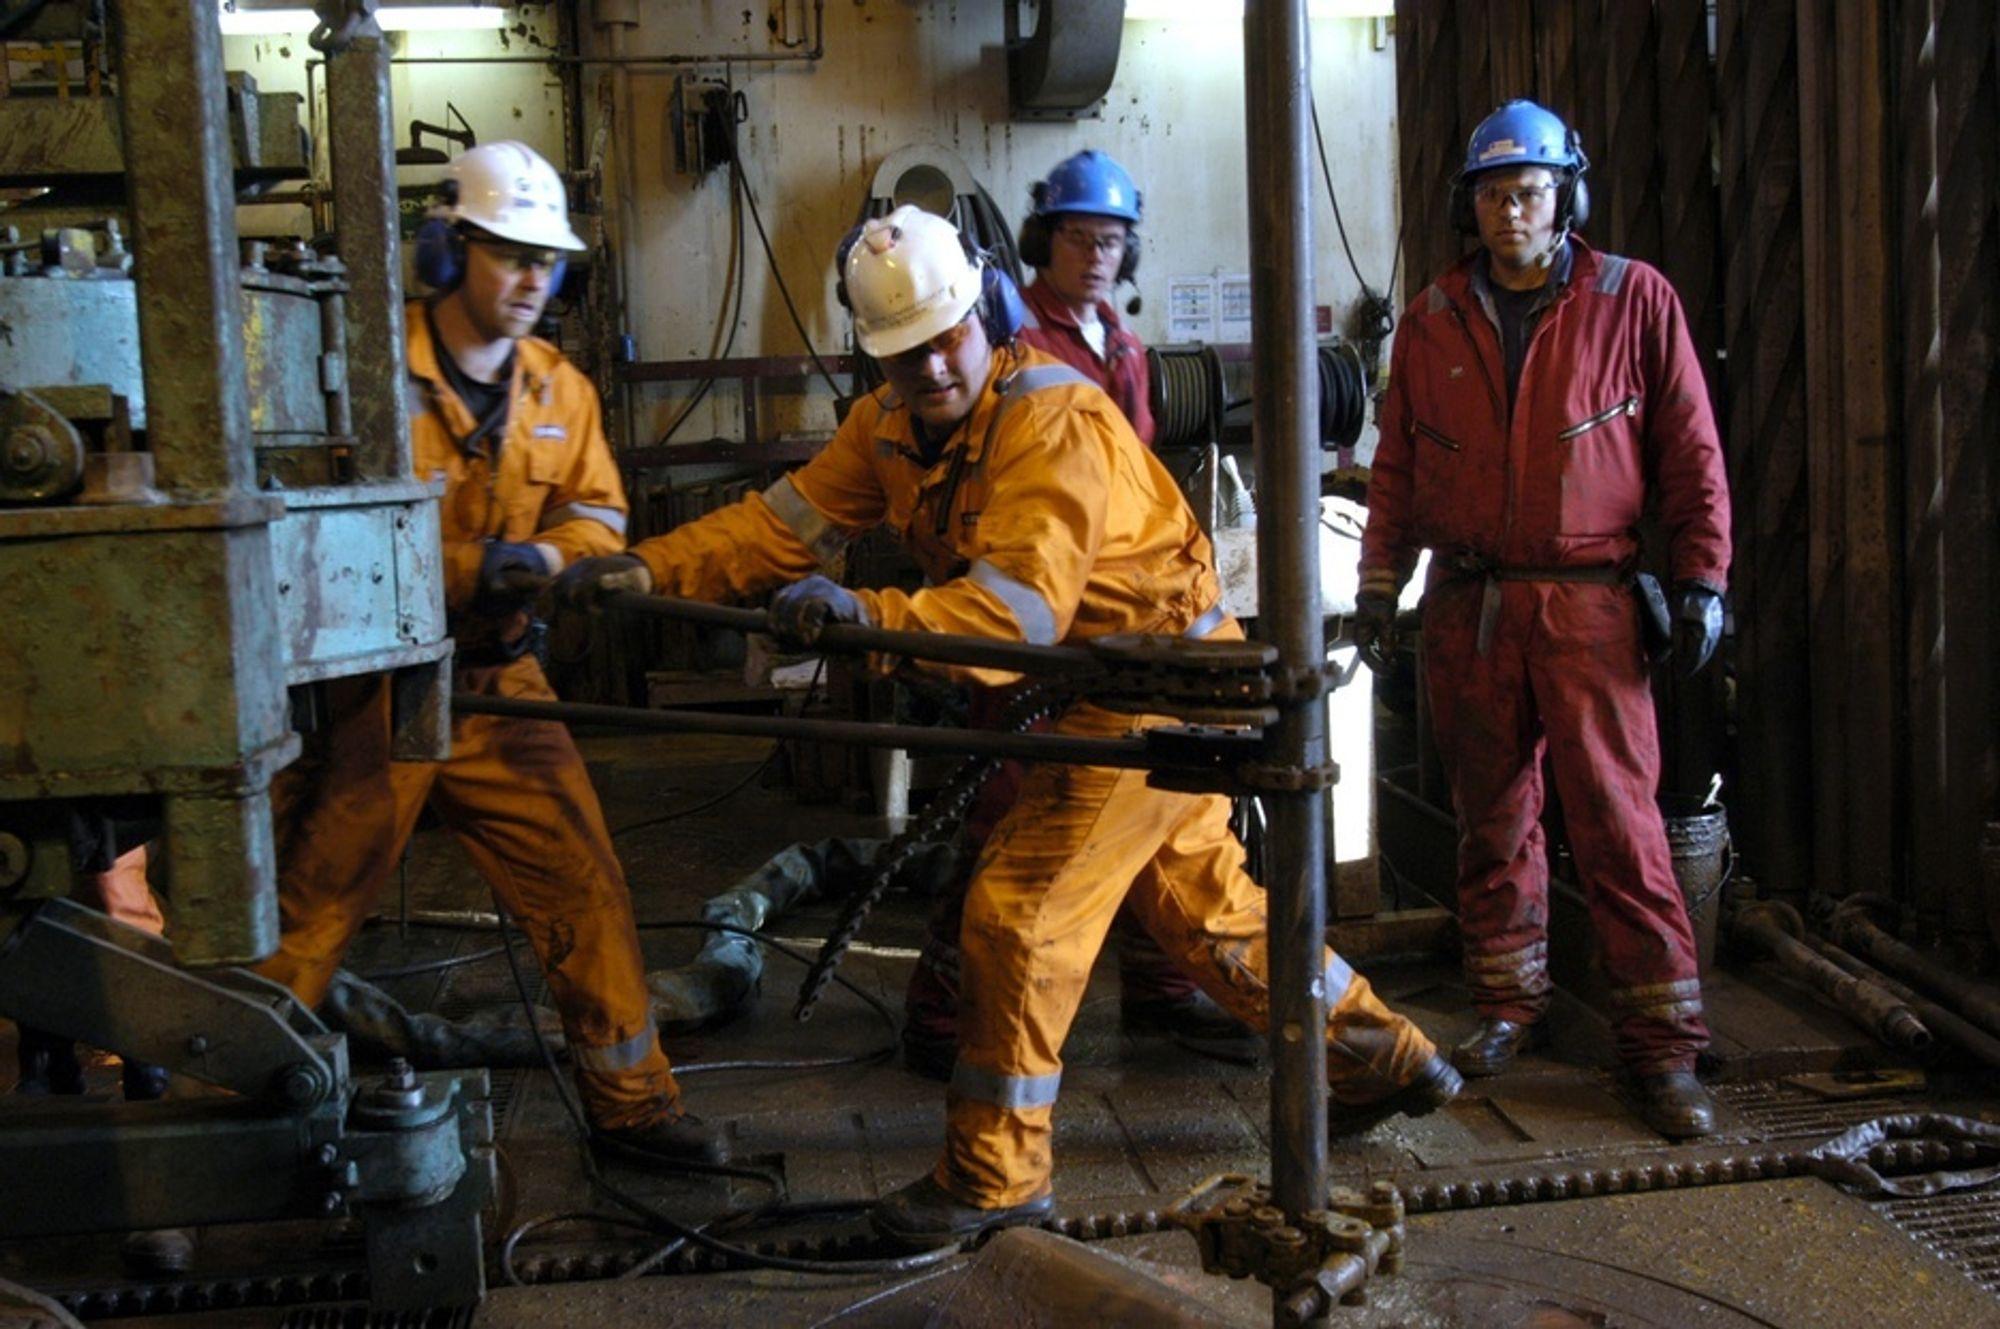 UTFORDRING: Statoils kjerneverdier er modig, åpen, tett på og omtenksom. En ulmende konflikt tyder på at mange ansatte ikke kjenner seg igjen i disse.